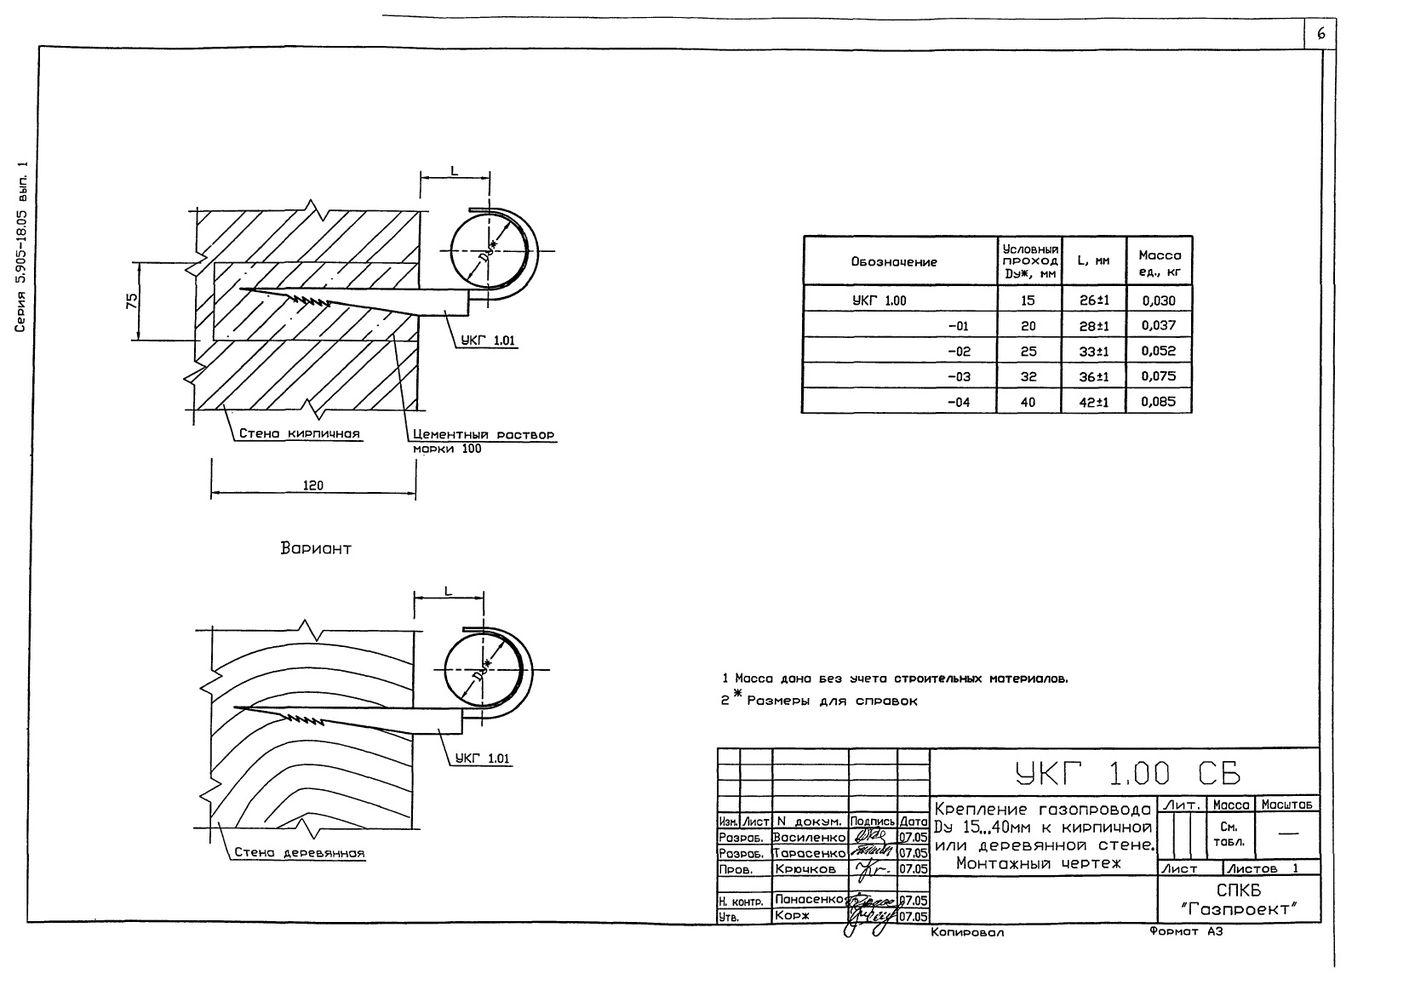 Крепление газопровода Ду 15...40 мм к кирпичной стене УКГ 1.00 СБ серия 5.905-18.05 выпуск 1 стр.1